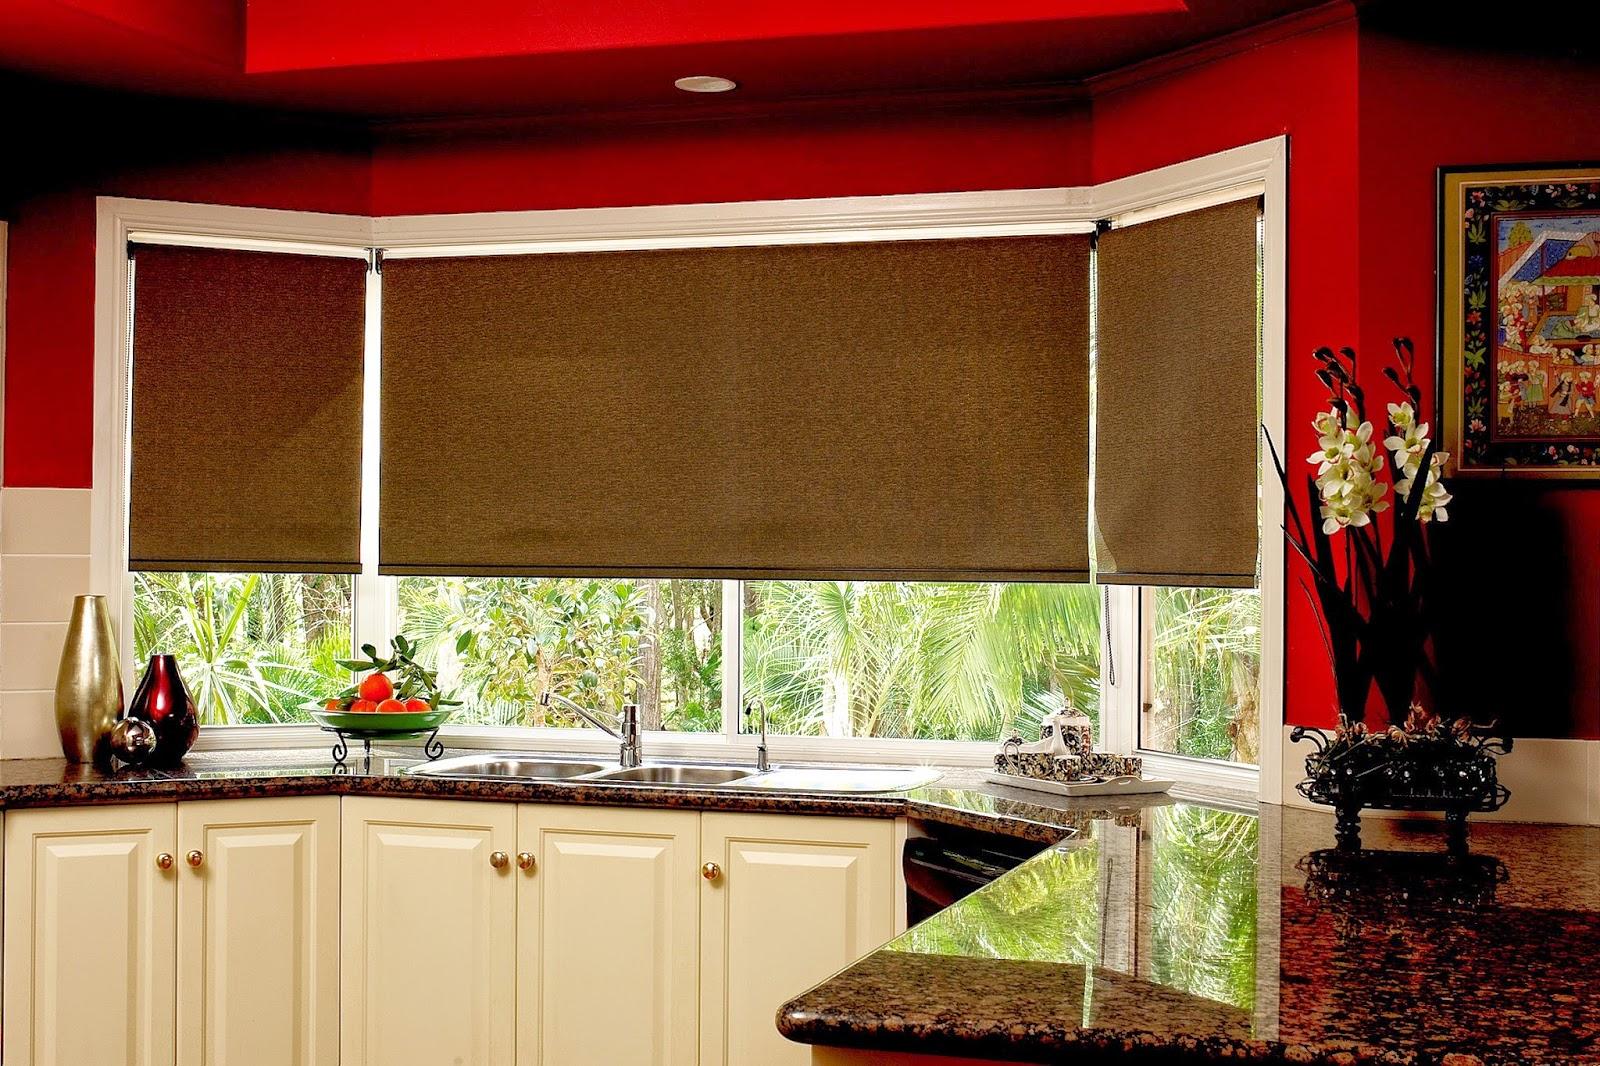 un rideau pour sa cuisine deco in. Black Bedroom Furniture Sets. Home Design Ideas